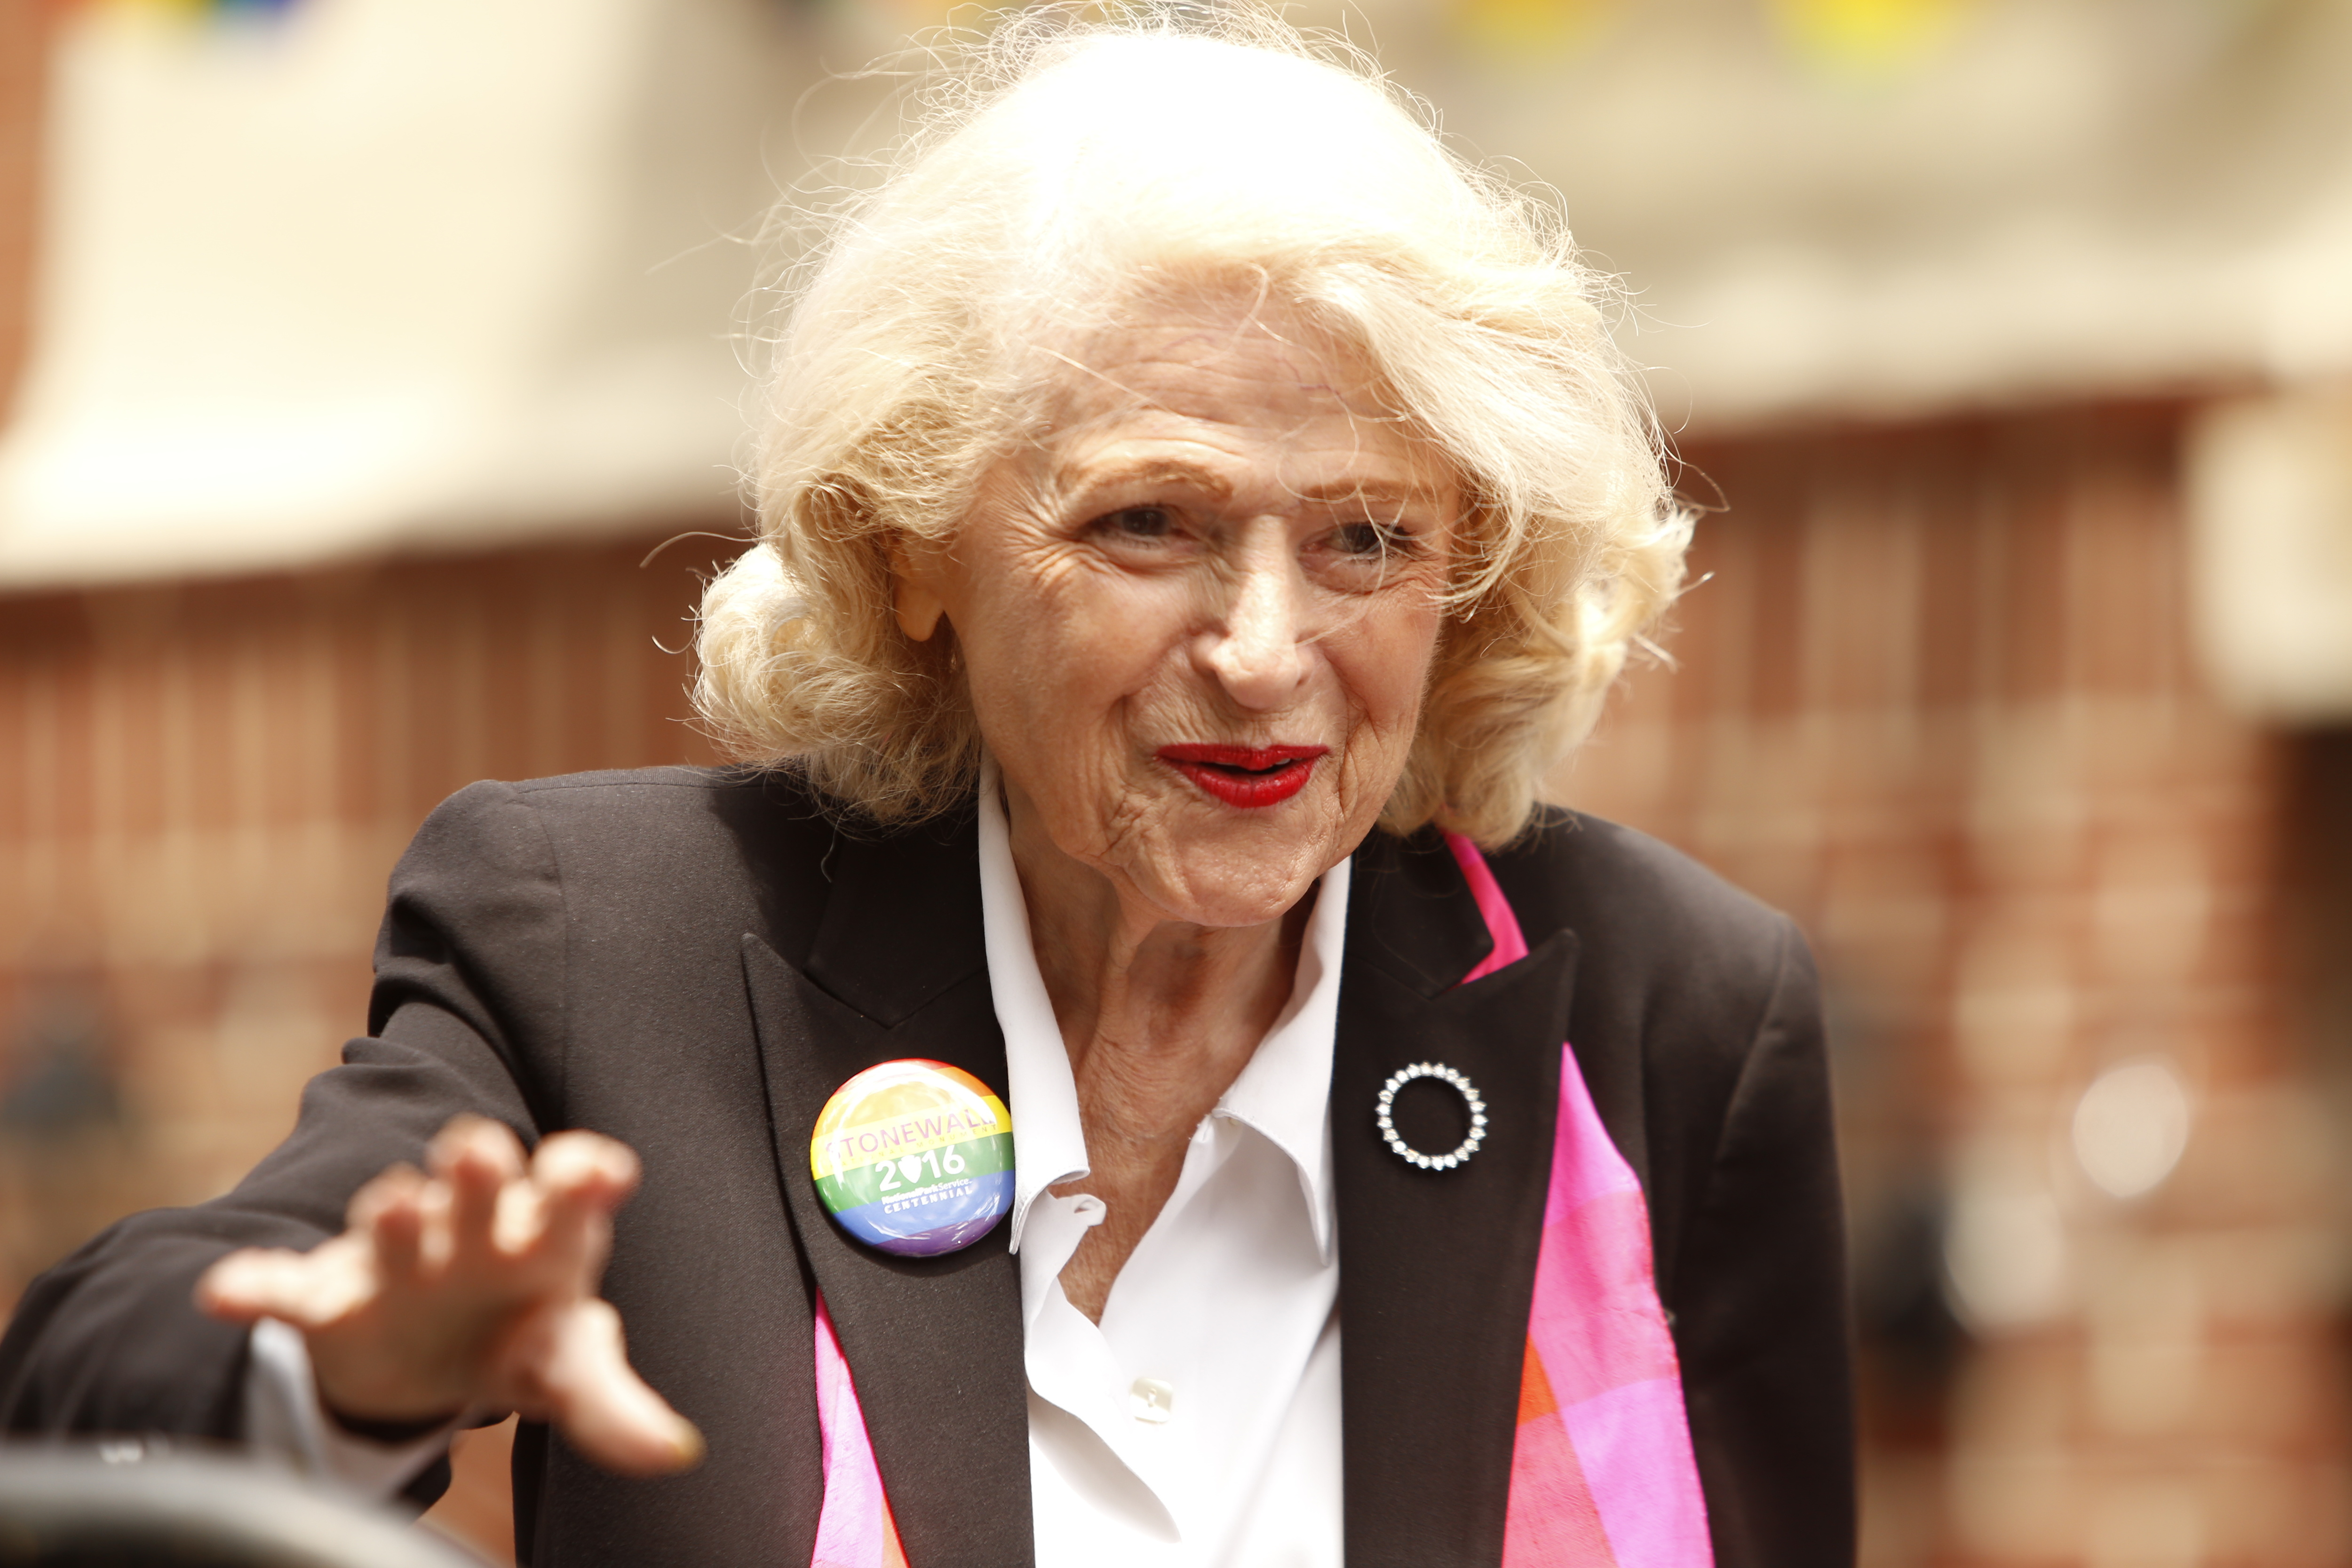 Marriage equality pioneer Edie Windsor in New York City on June 27, 2016.